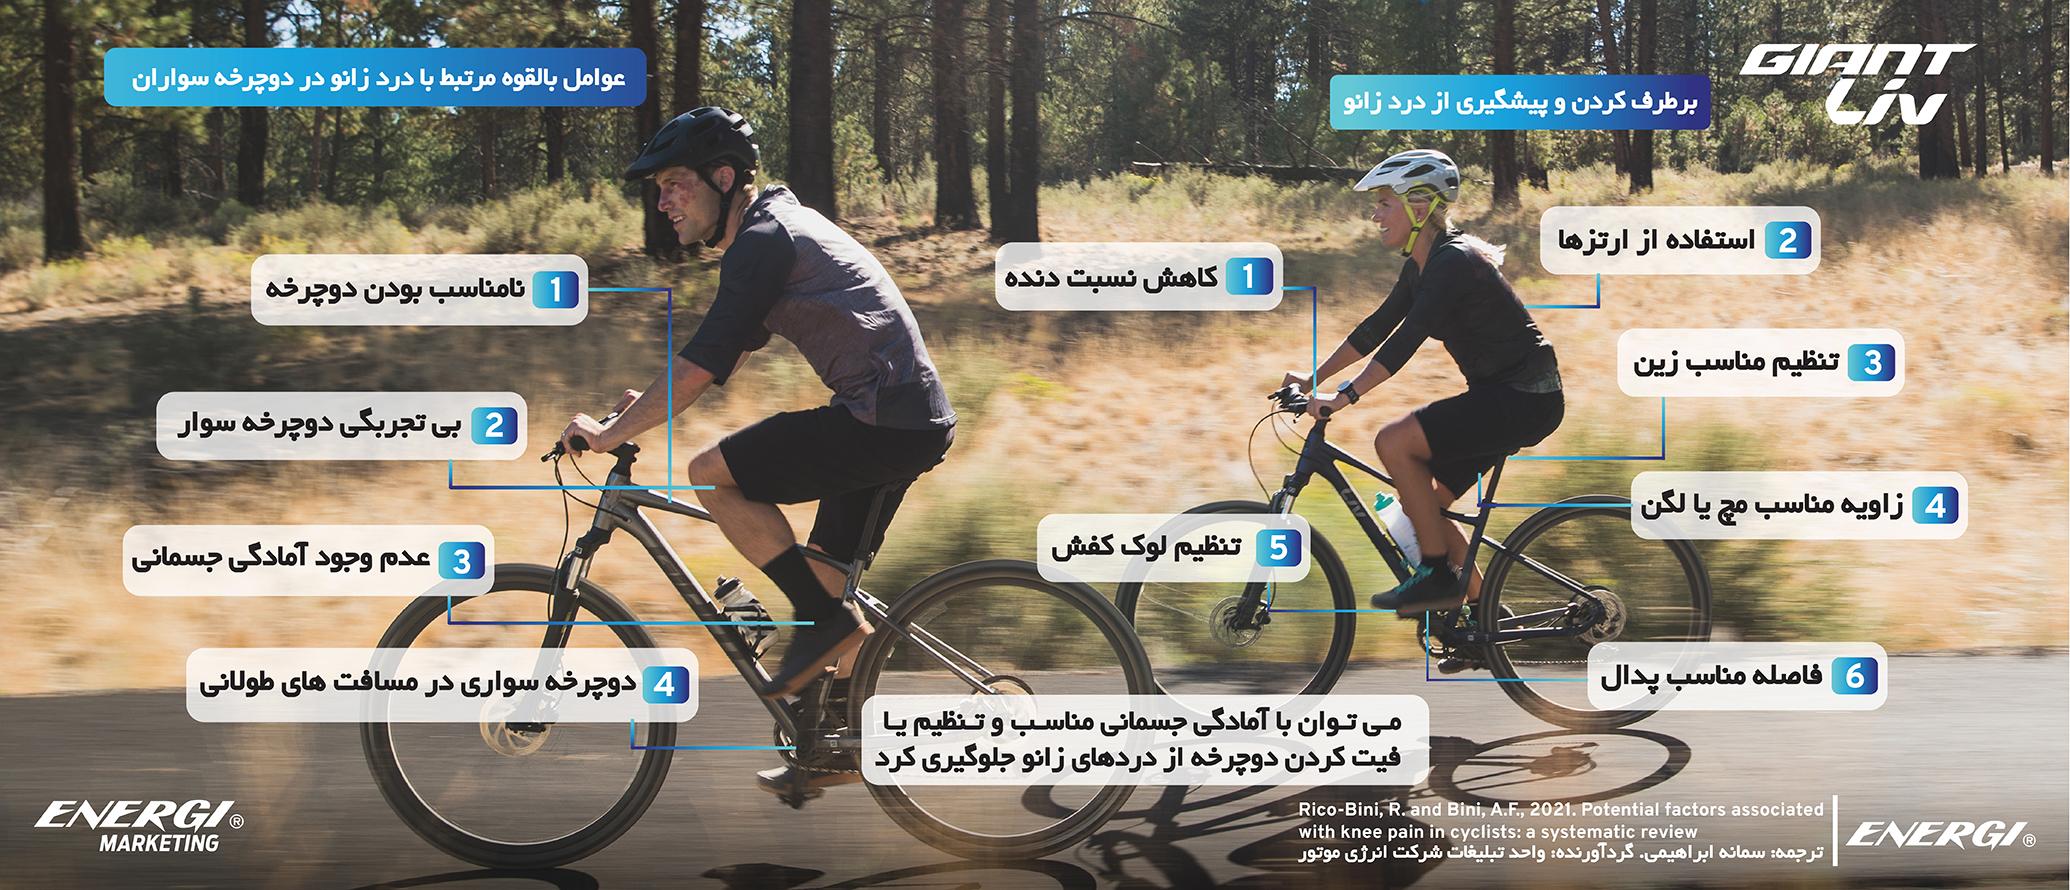 عوامل بالقوه مرتبط با درد زانو در دوچرخه سواران